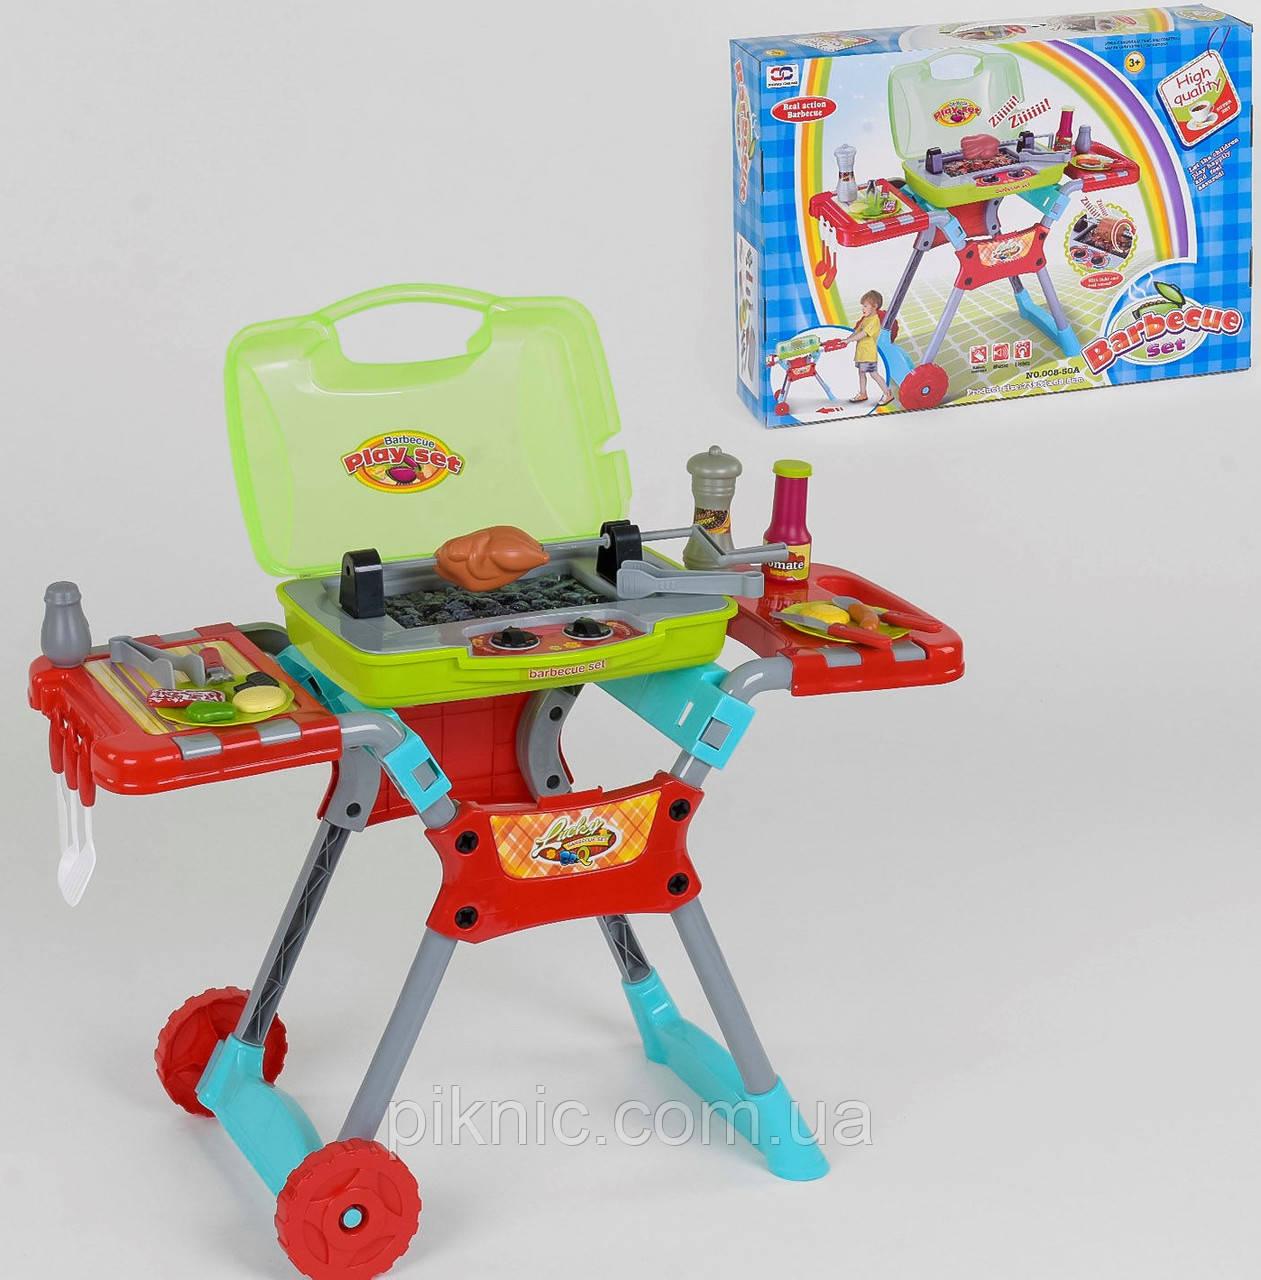 Набор барбекю с посудкой для детей, музыкальный + набор продуктов. Детский игровой набор